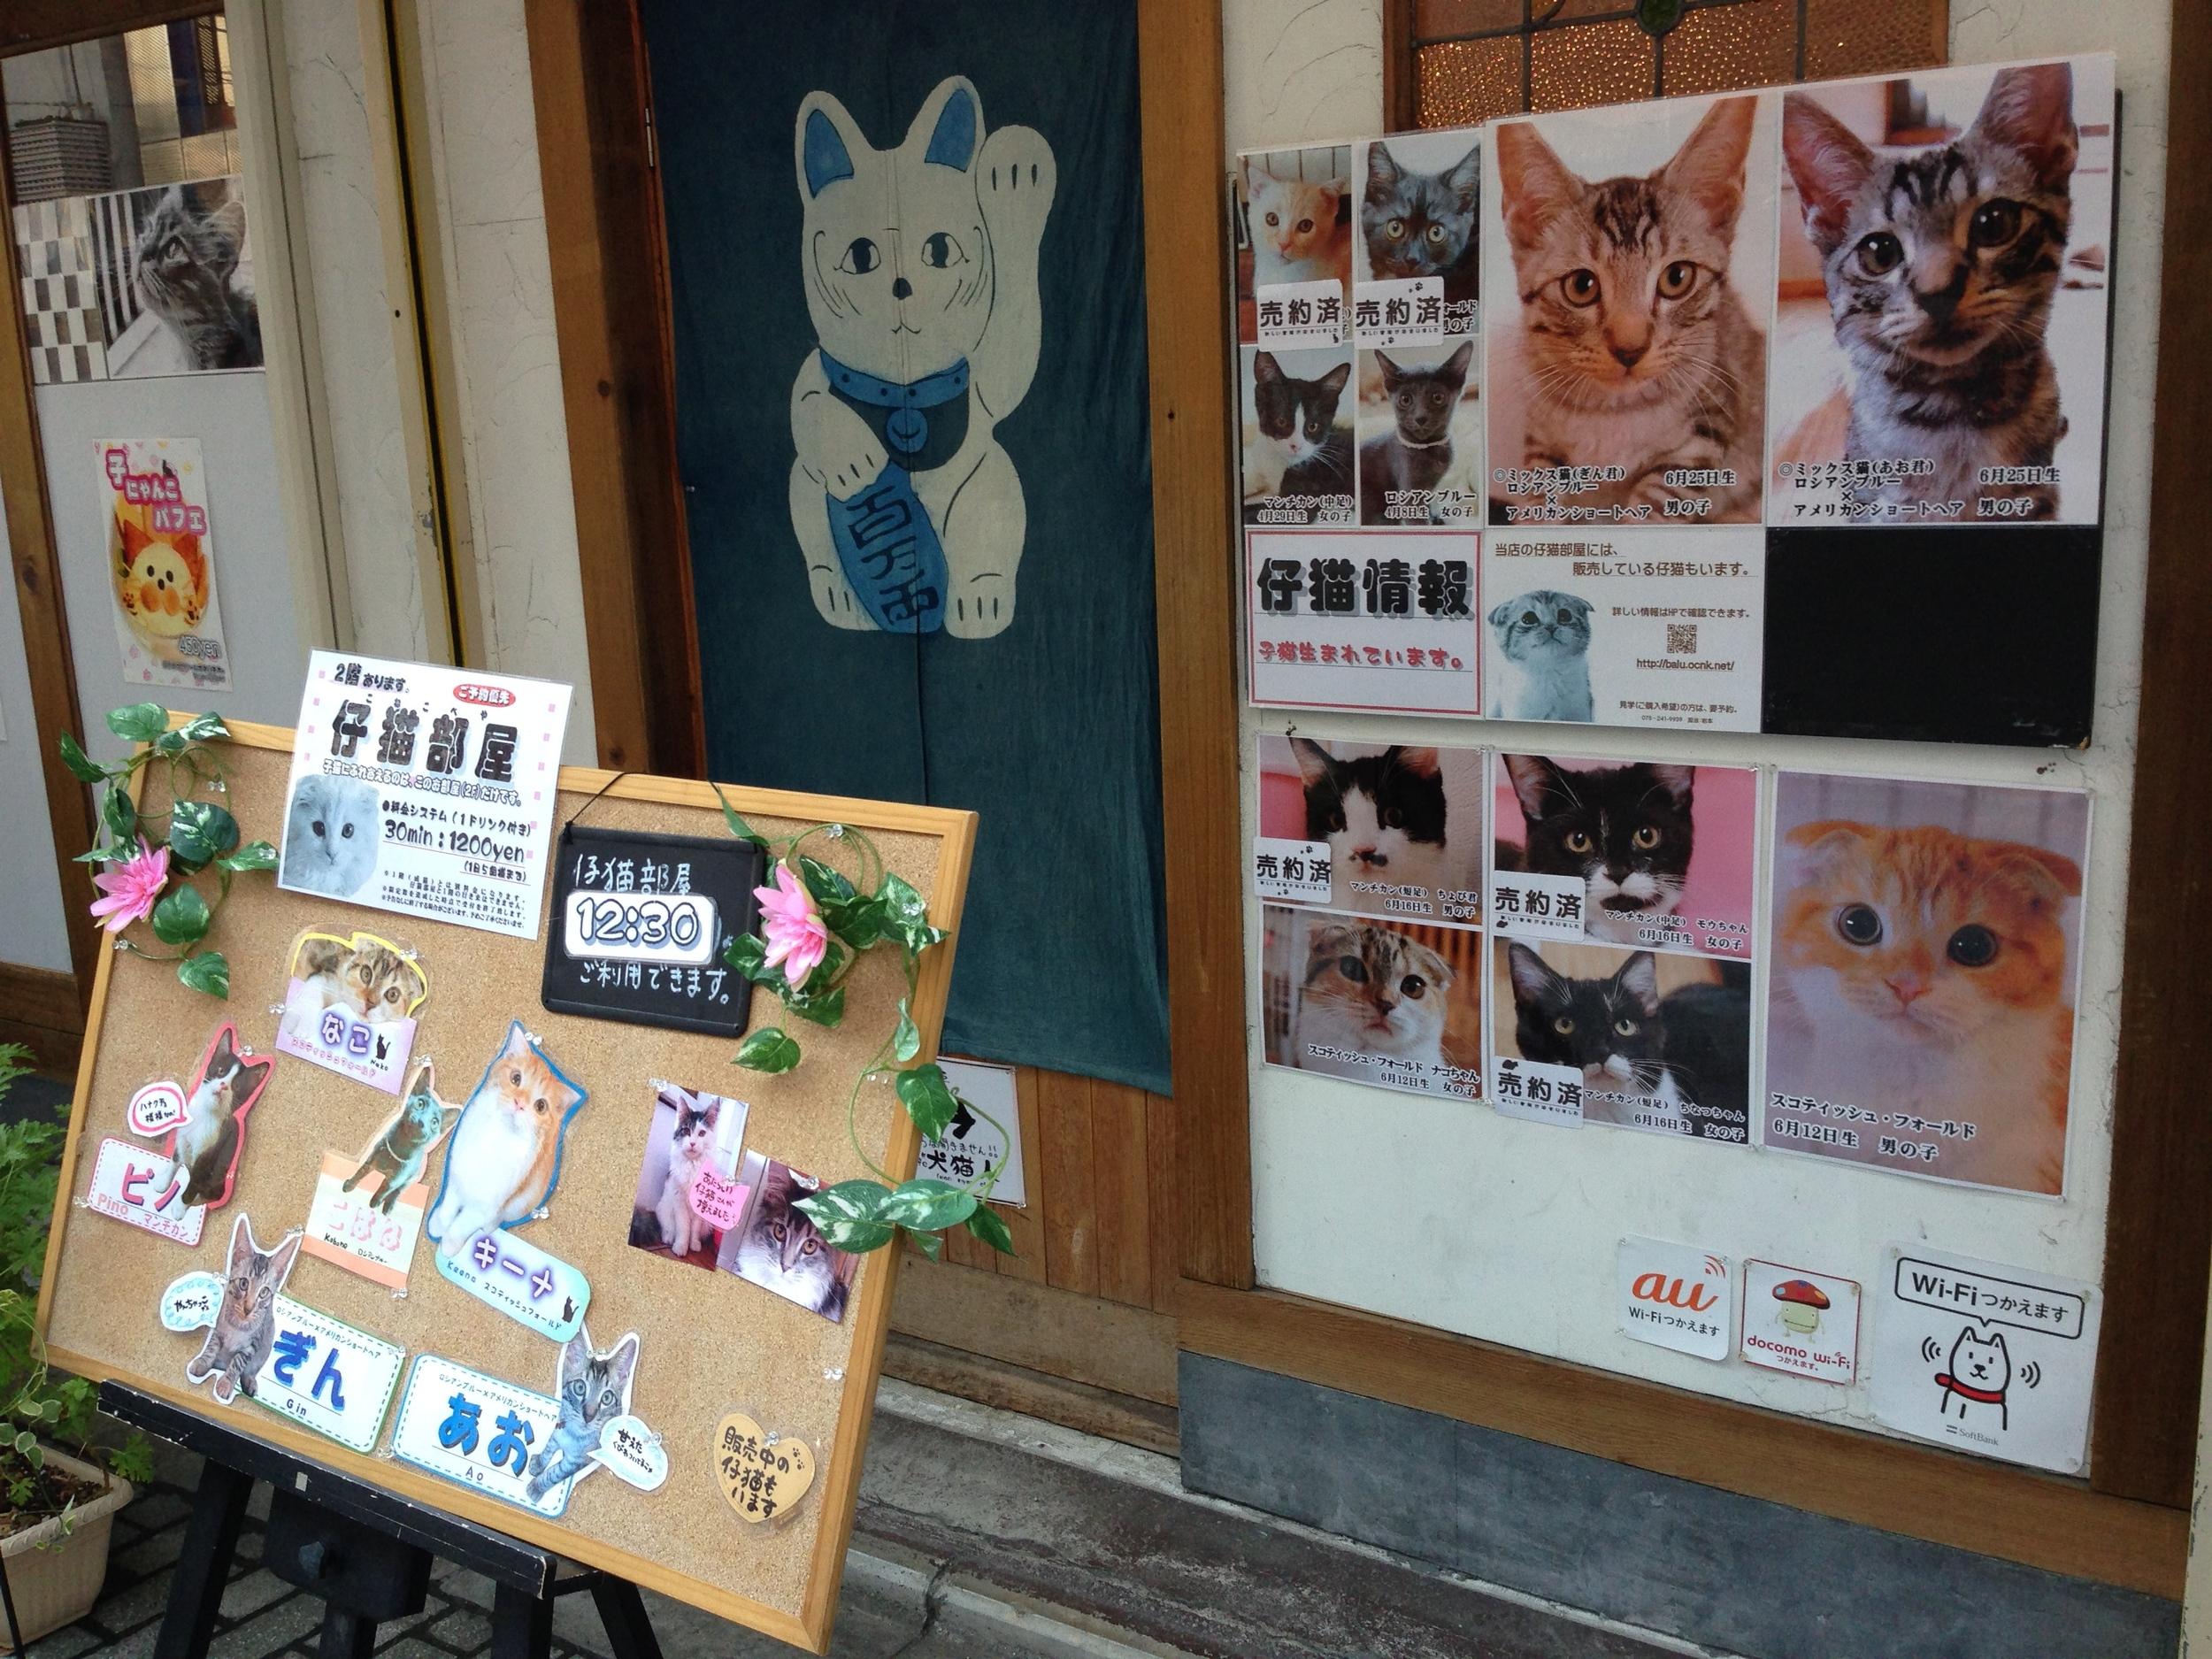 Cat café in Kyoto